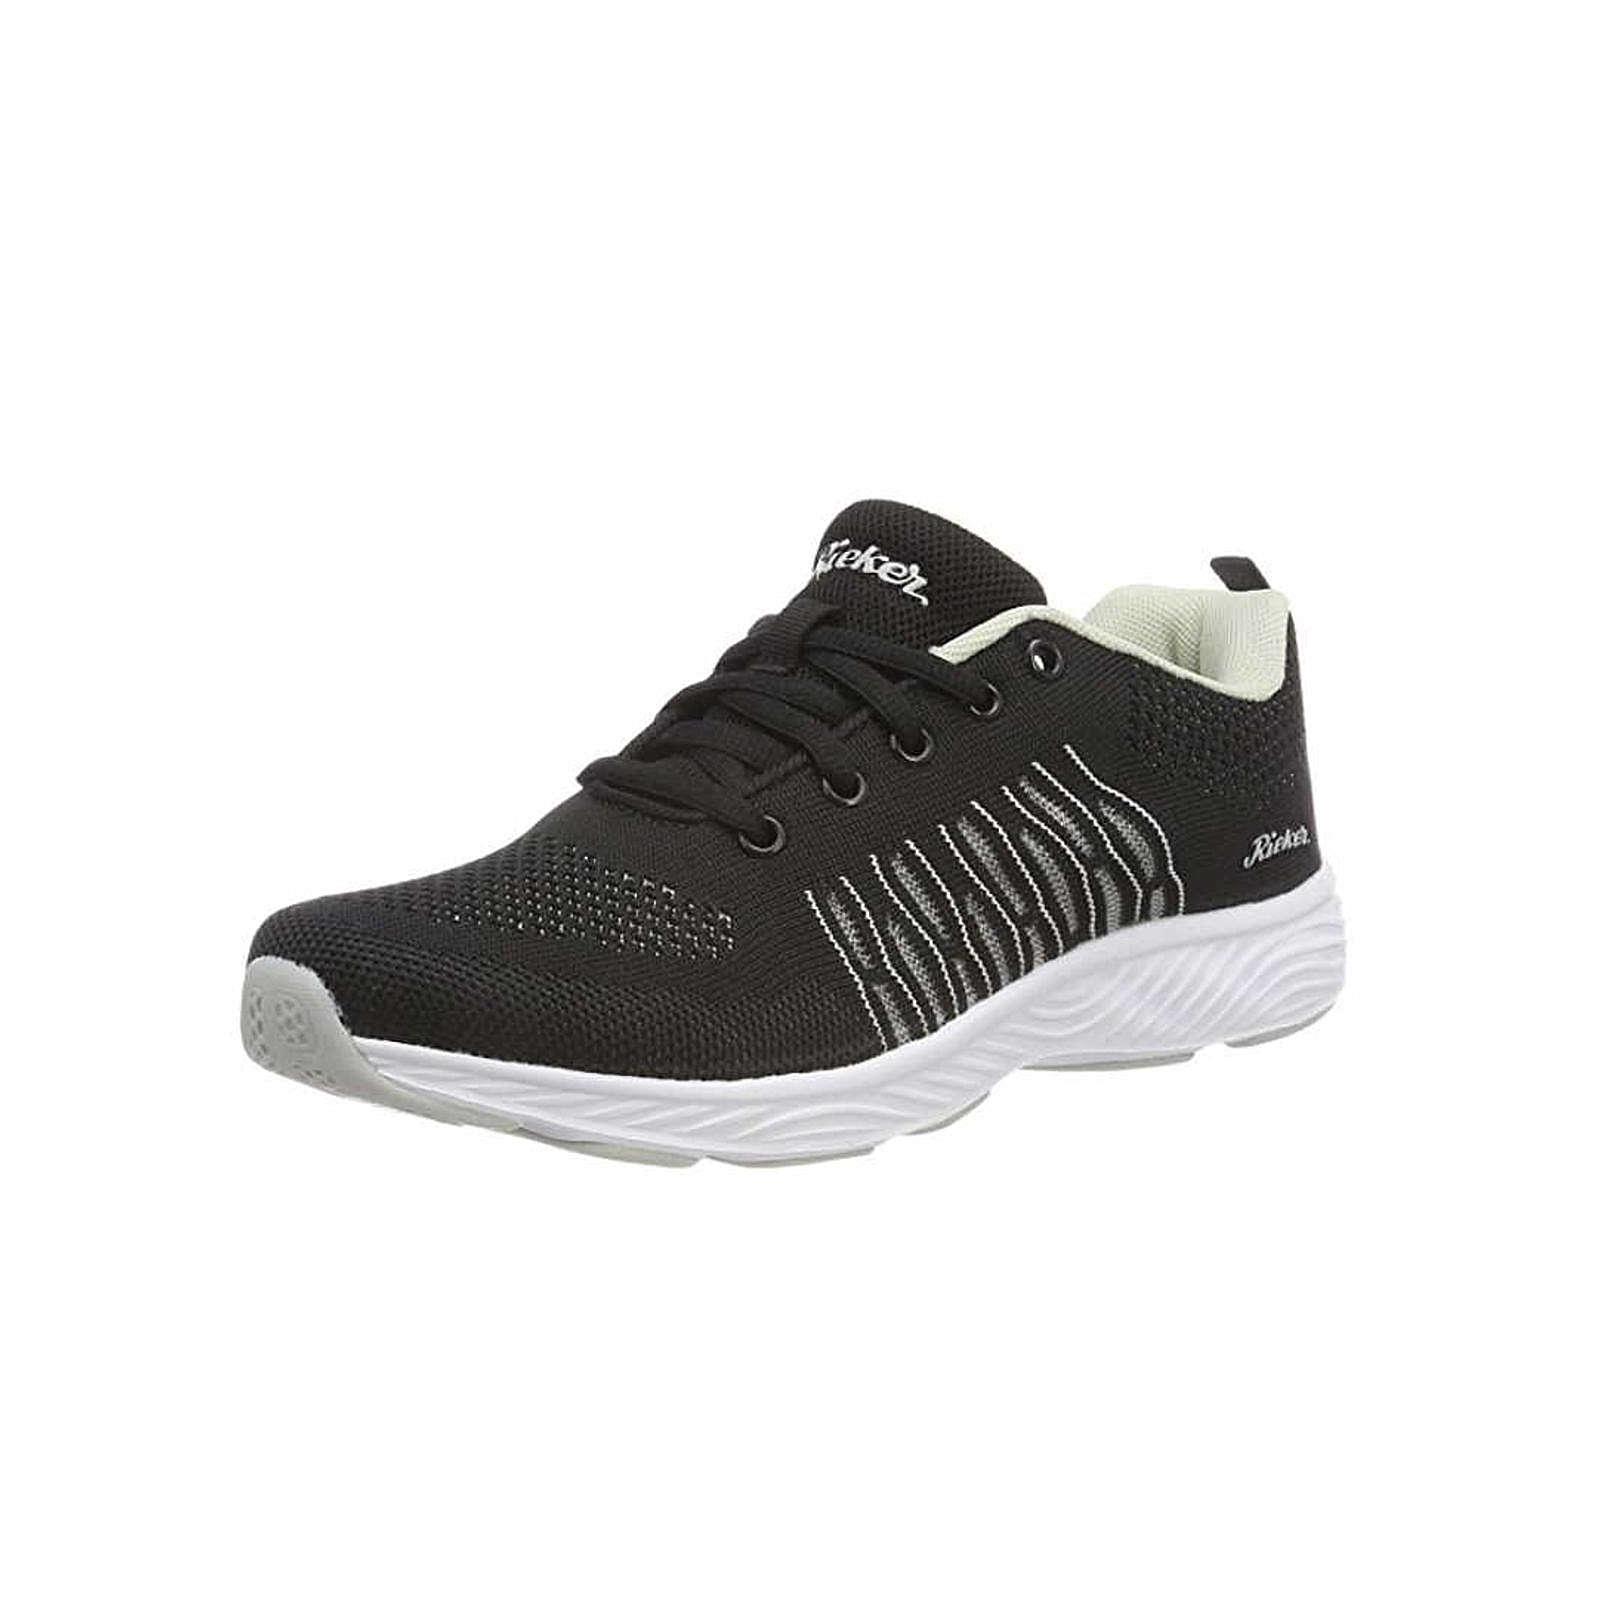 rieker Sneakers Low schwarz Damen Gr. 37